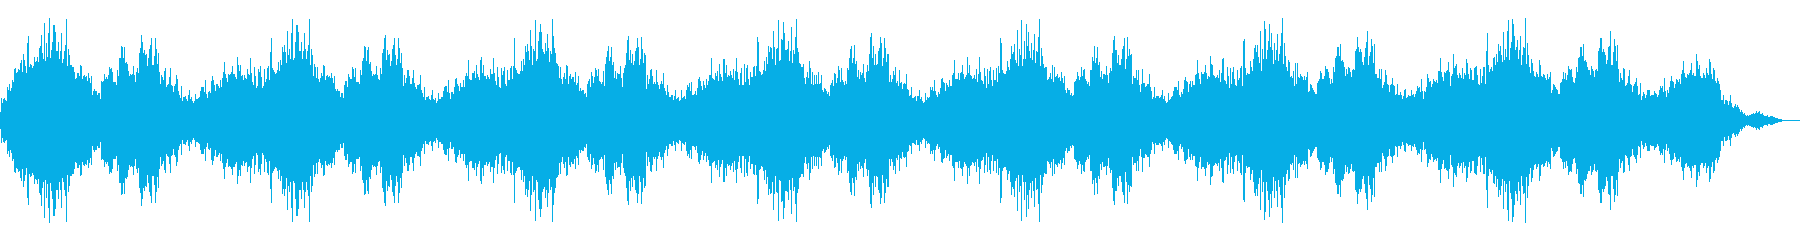 【ダークアンビエント】 嫌な予感の再生済みの波形